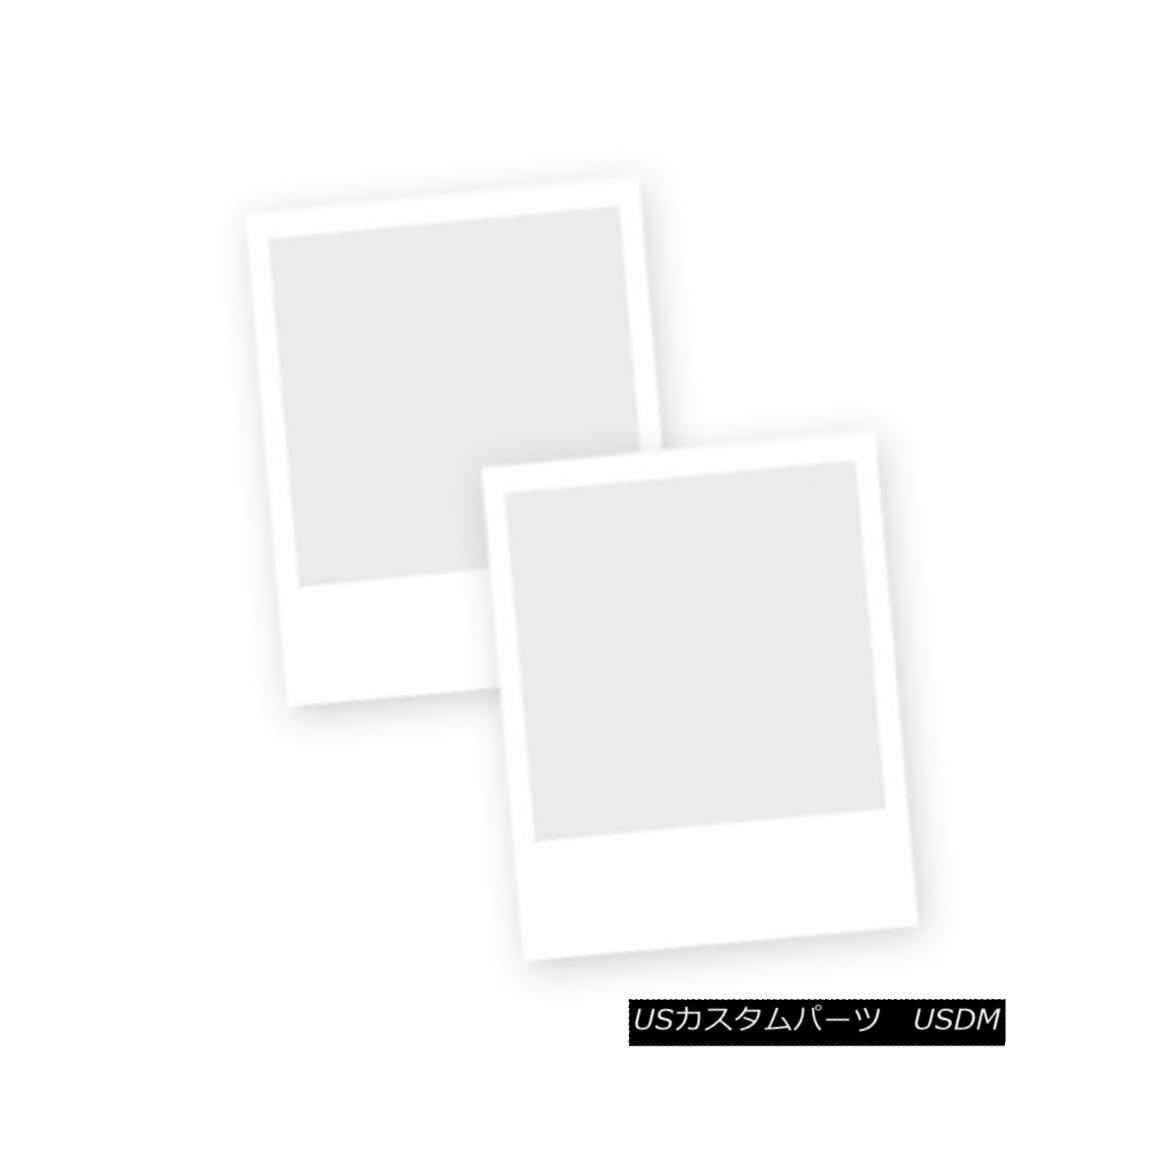 カーカバー BREATHABLE CAR COVER W/MIRROR POCKET-BLACK For 2018 2017 2016 2015 NISSAN SENTRA 2018年の2017年の2016年の2015年の2015年のNISSAN SENTRAのためのBREATHABLE CAR COVER WIRAMER POCKET-BLACK